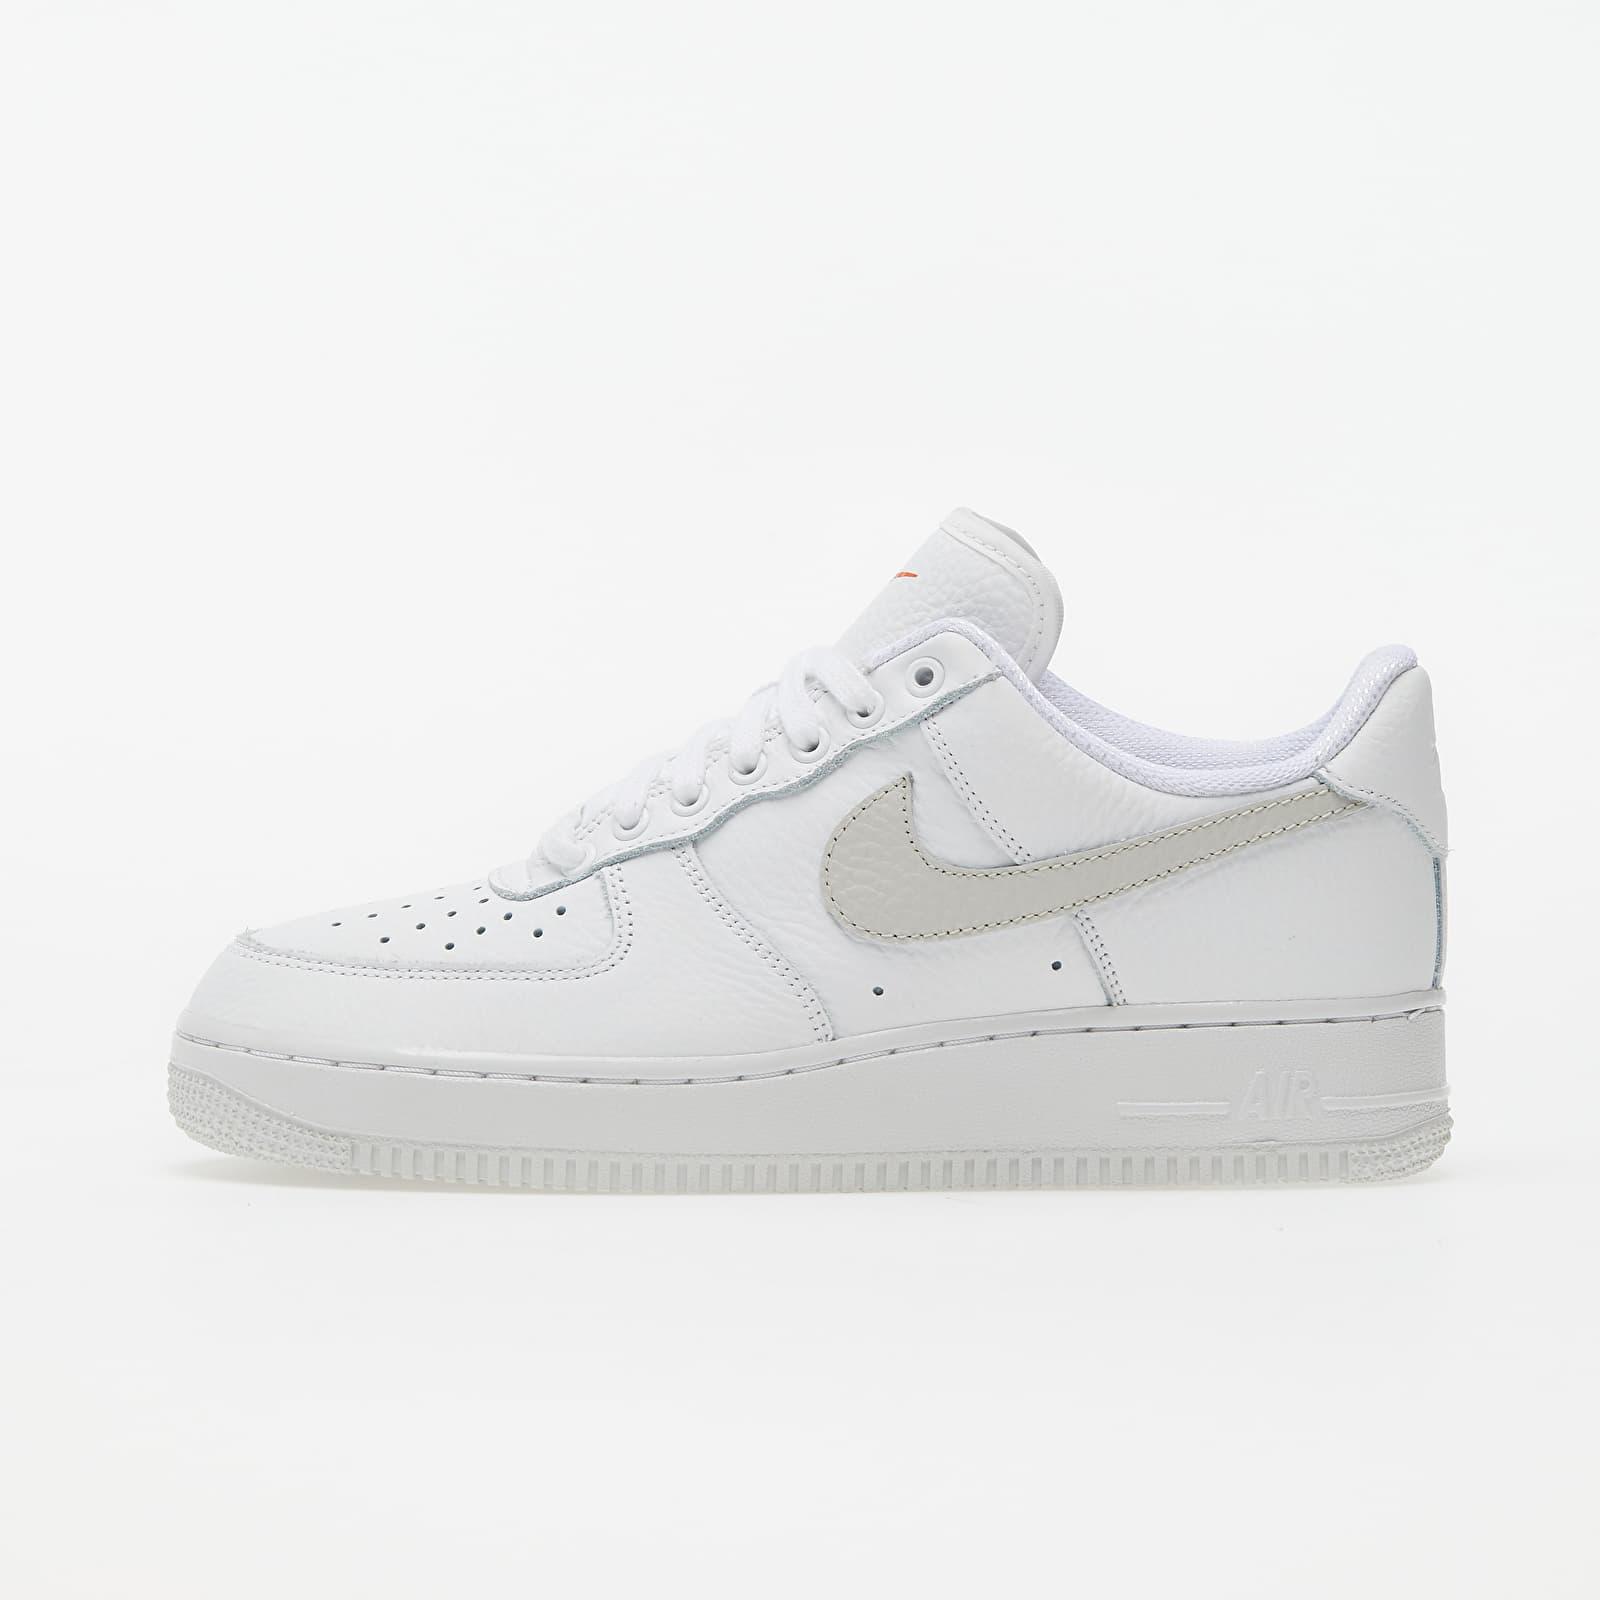 Încălțăminte și sneakerși pentru femei Nike Wmns Air Force 1 '07 Summit White/ White-Solar Flare-Starfish